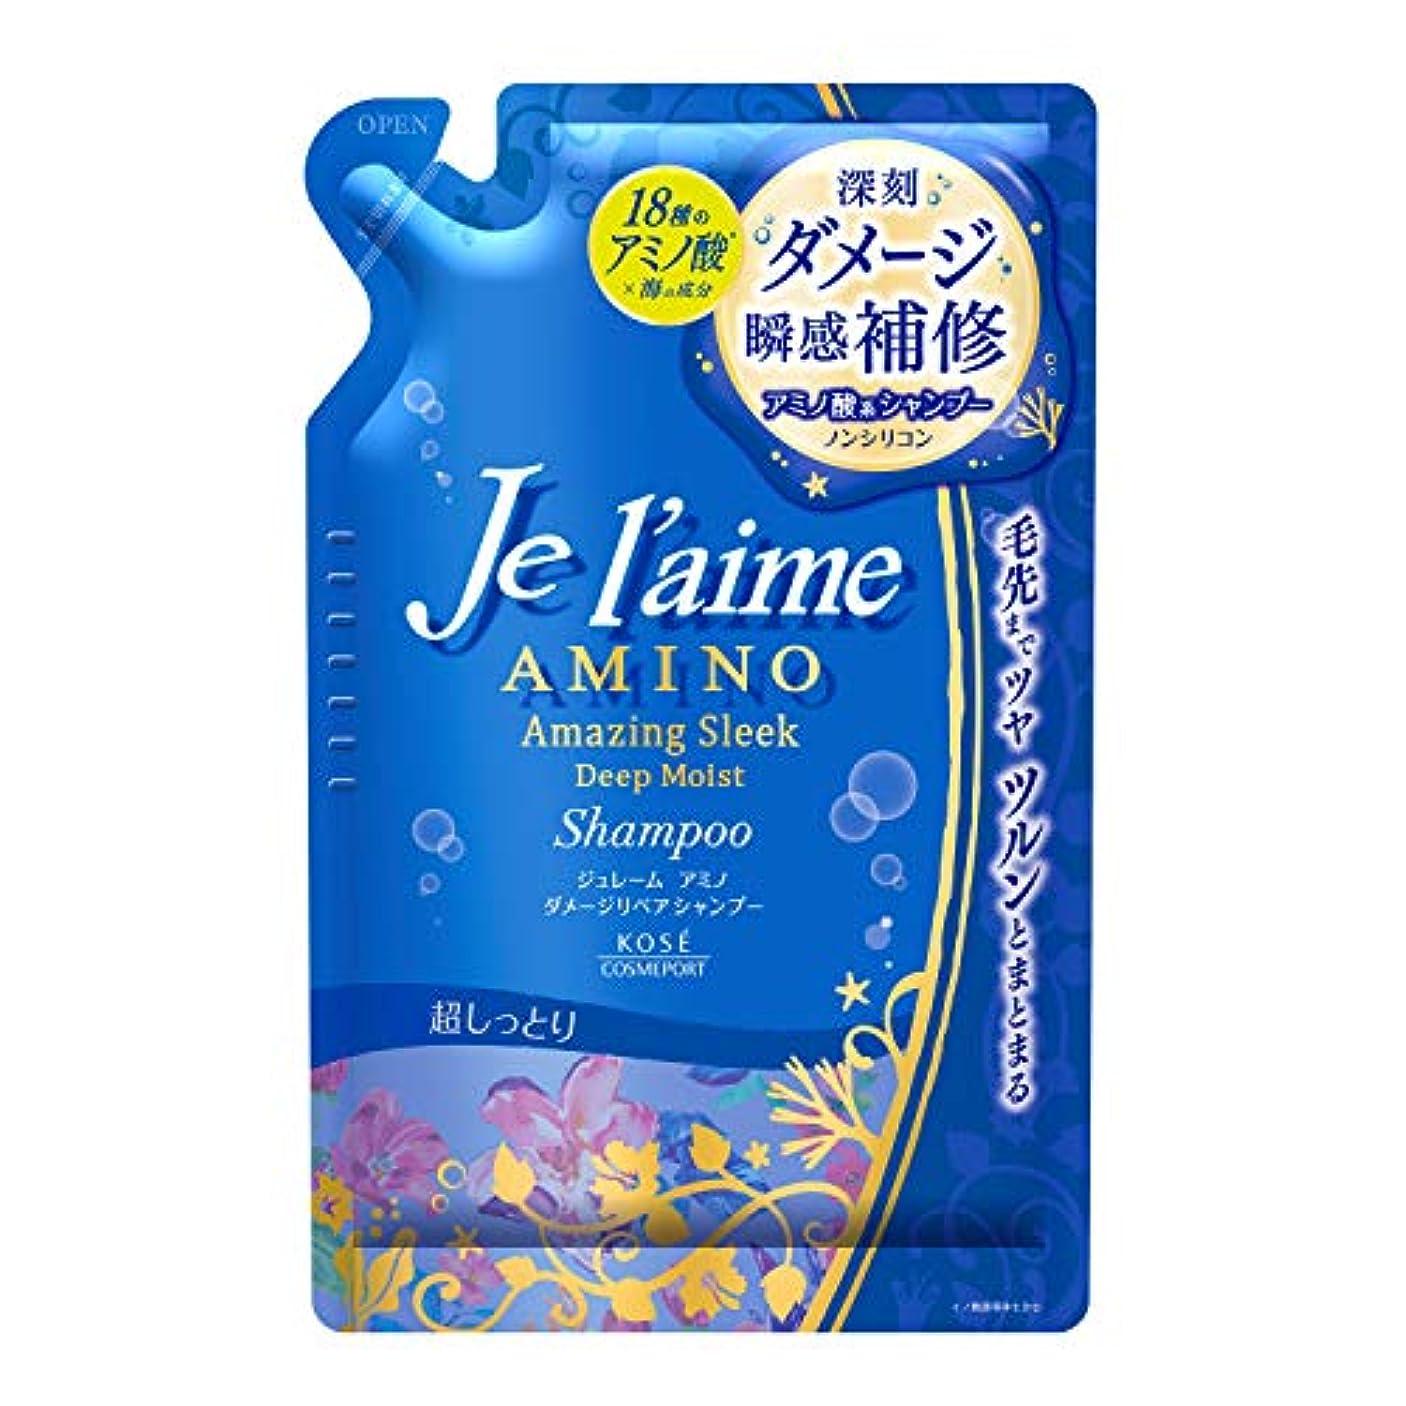 天のラベンダー理想的にはKOSE コーセー ジュレーム アミノ ダメージ リペア シャンプー アミノ酸 配合 (ディープモイスト) つめかえ 400ml